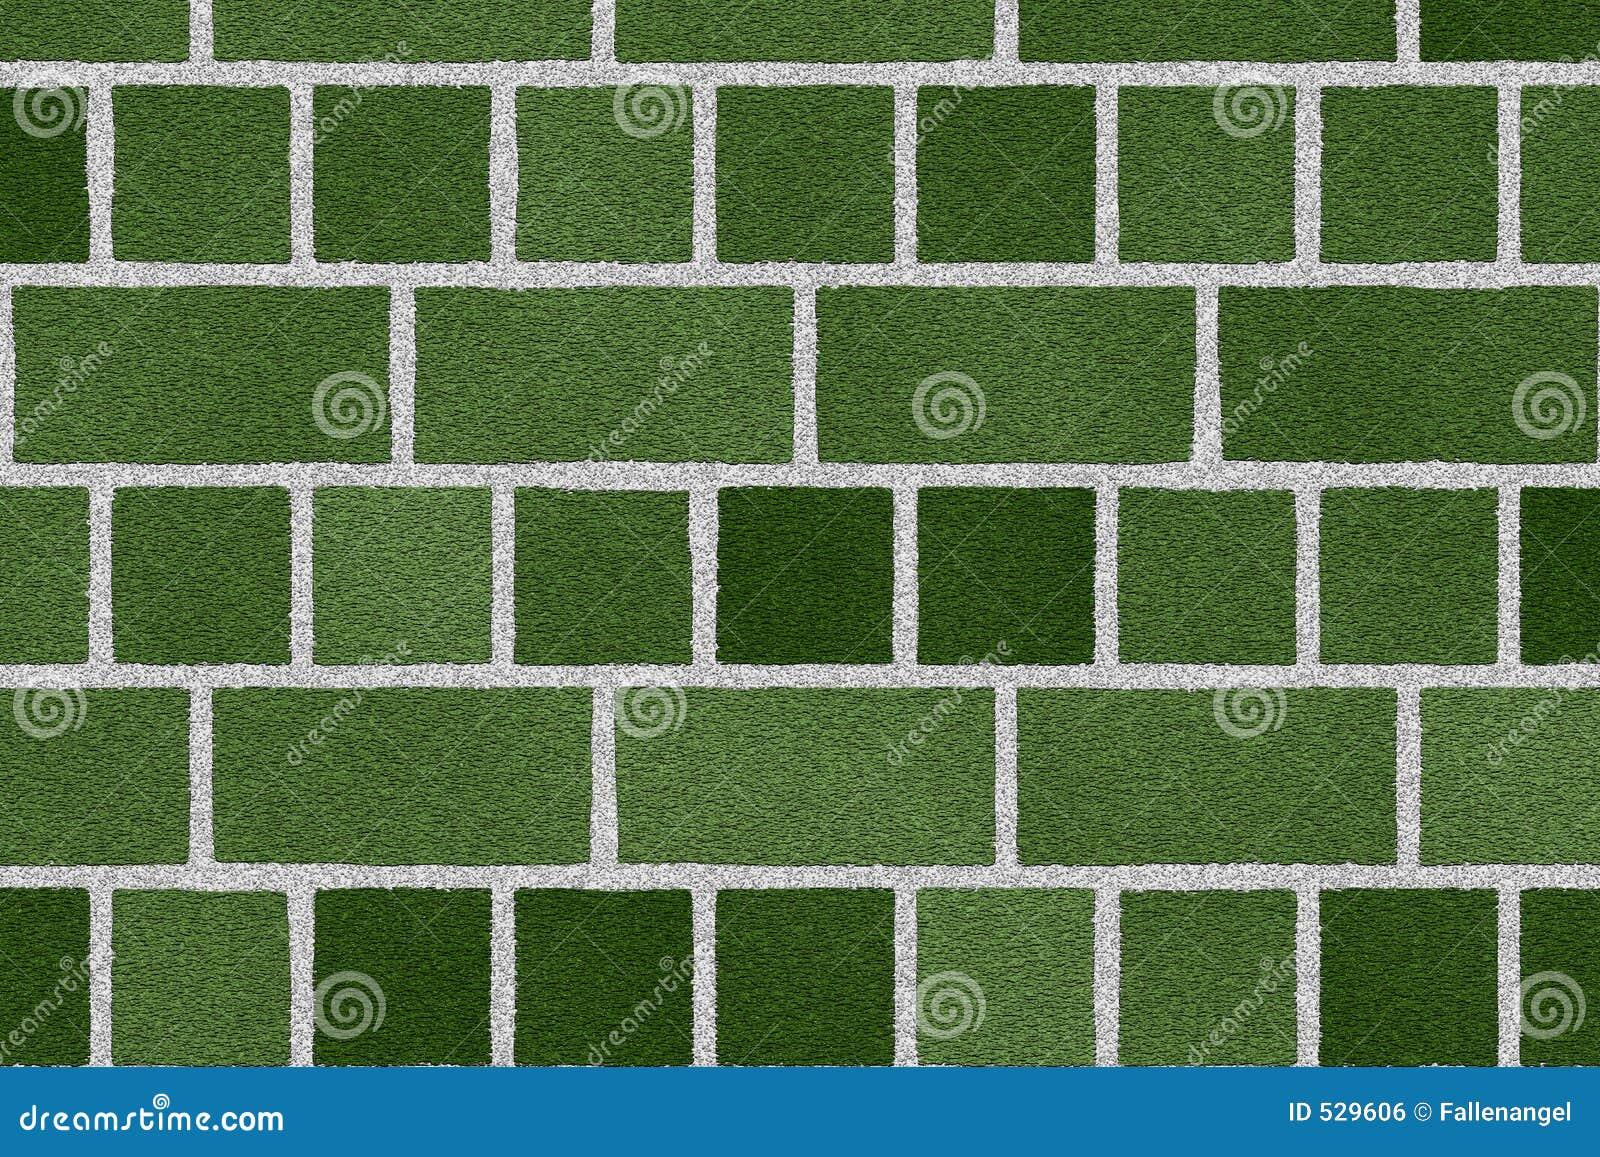 Download 砖绿色墙壁 库存例证. 插画 包括有 瓦片, 石头, 绿色, 不列塔尼的, 许多, 多彩多姿, 详细资料, 布琼布拉 - 529606